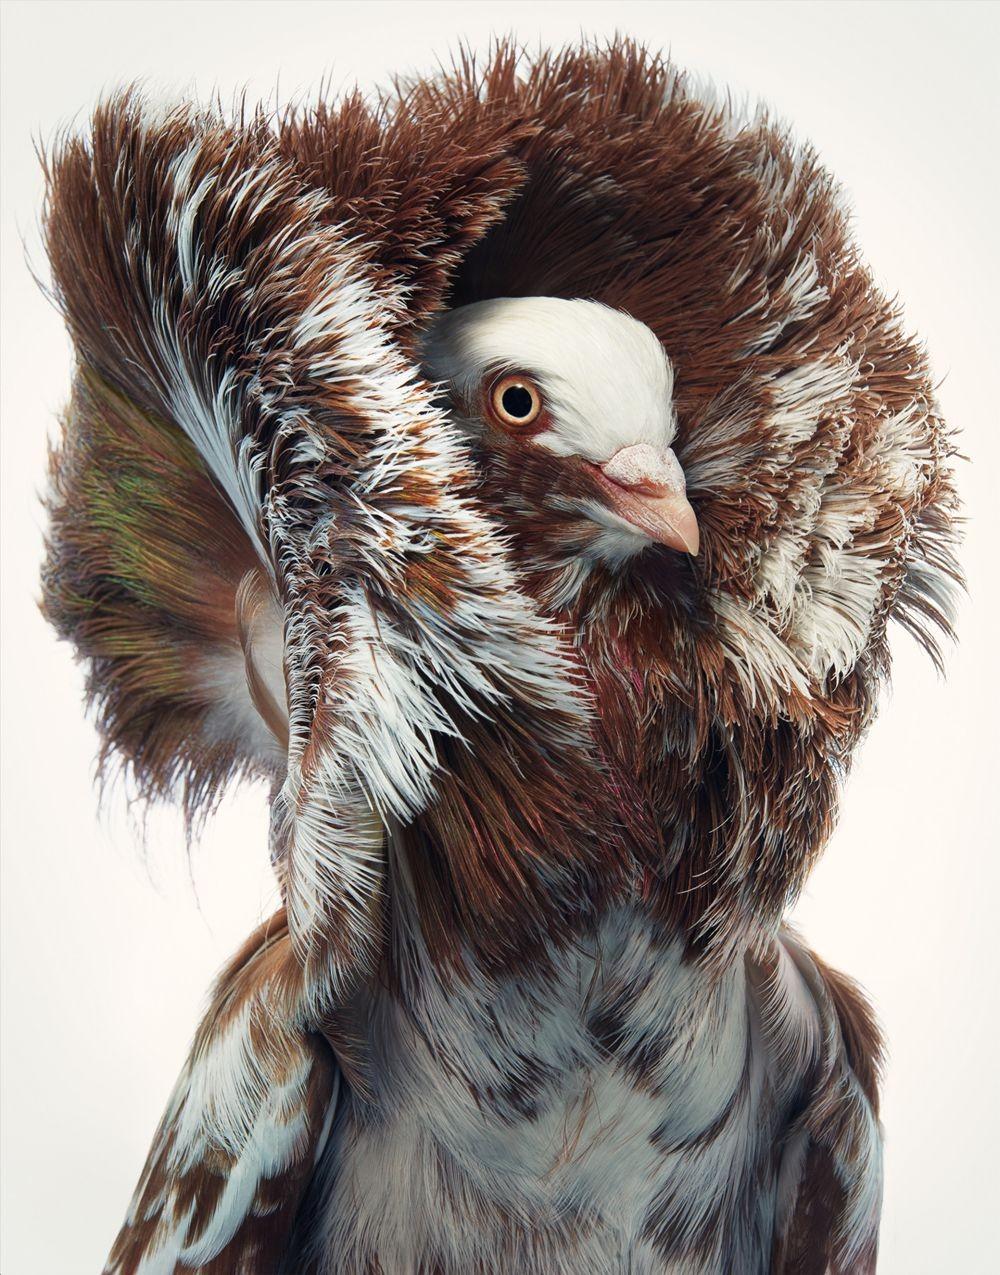 蒂姆.弗拉奇对鸟类的大胆精妙拍摄_图1-8